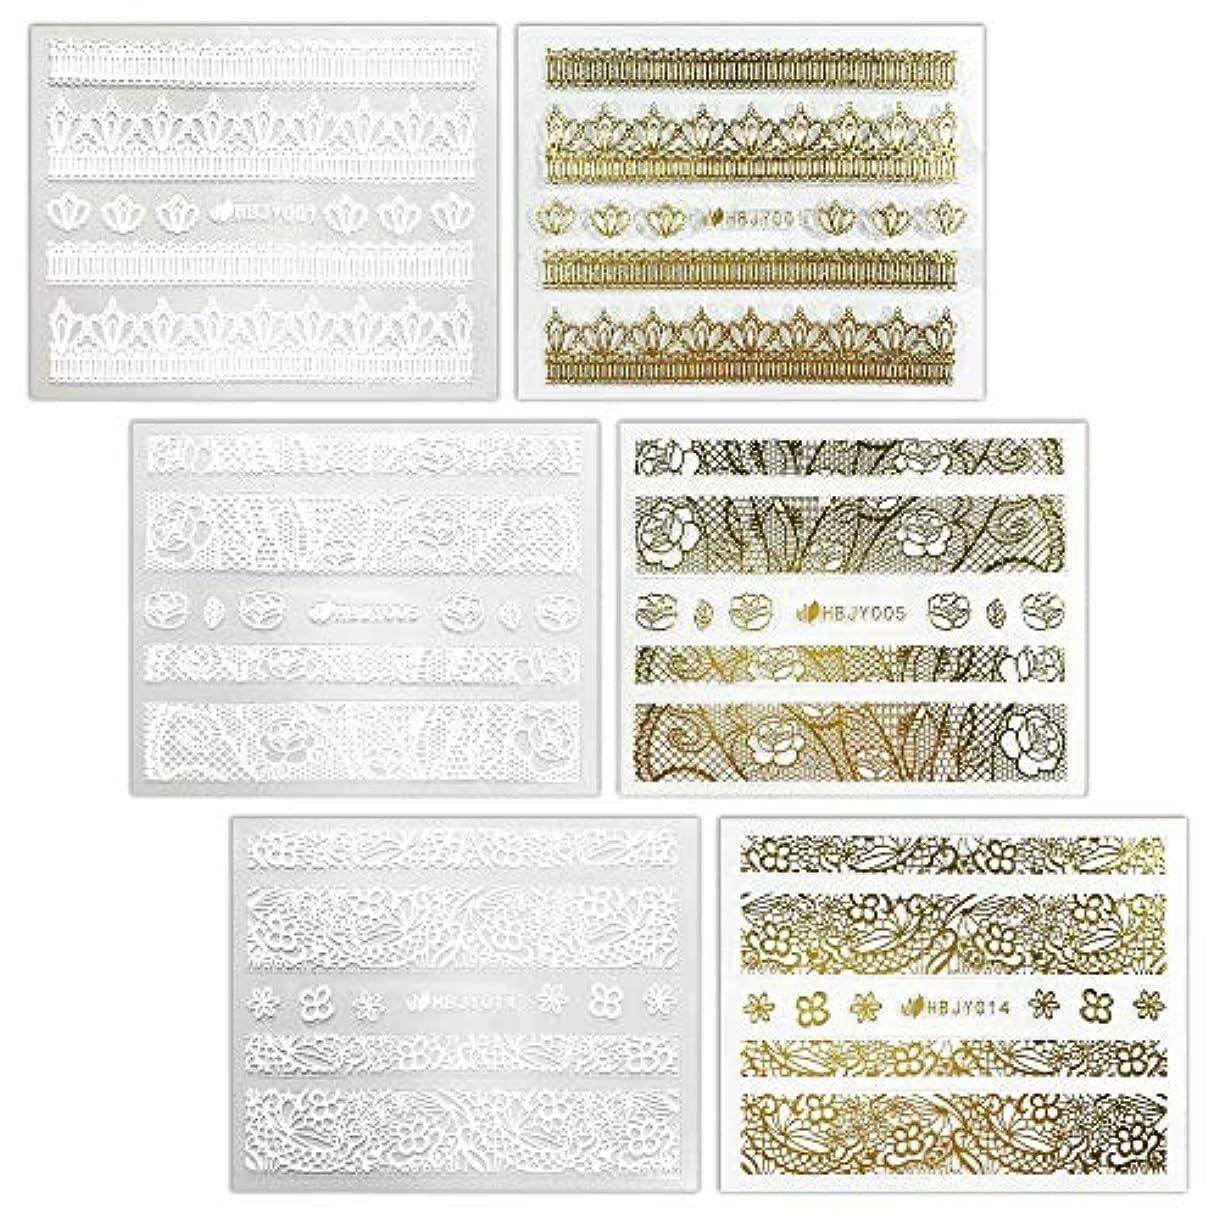 現代最愛の生理【リュミエラ】6枚セット レジン ネイル シールH【3種類×2色各1枚】ゴールド シルバー レース模様 ネイルにも!